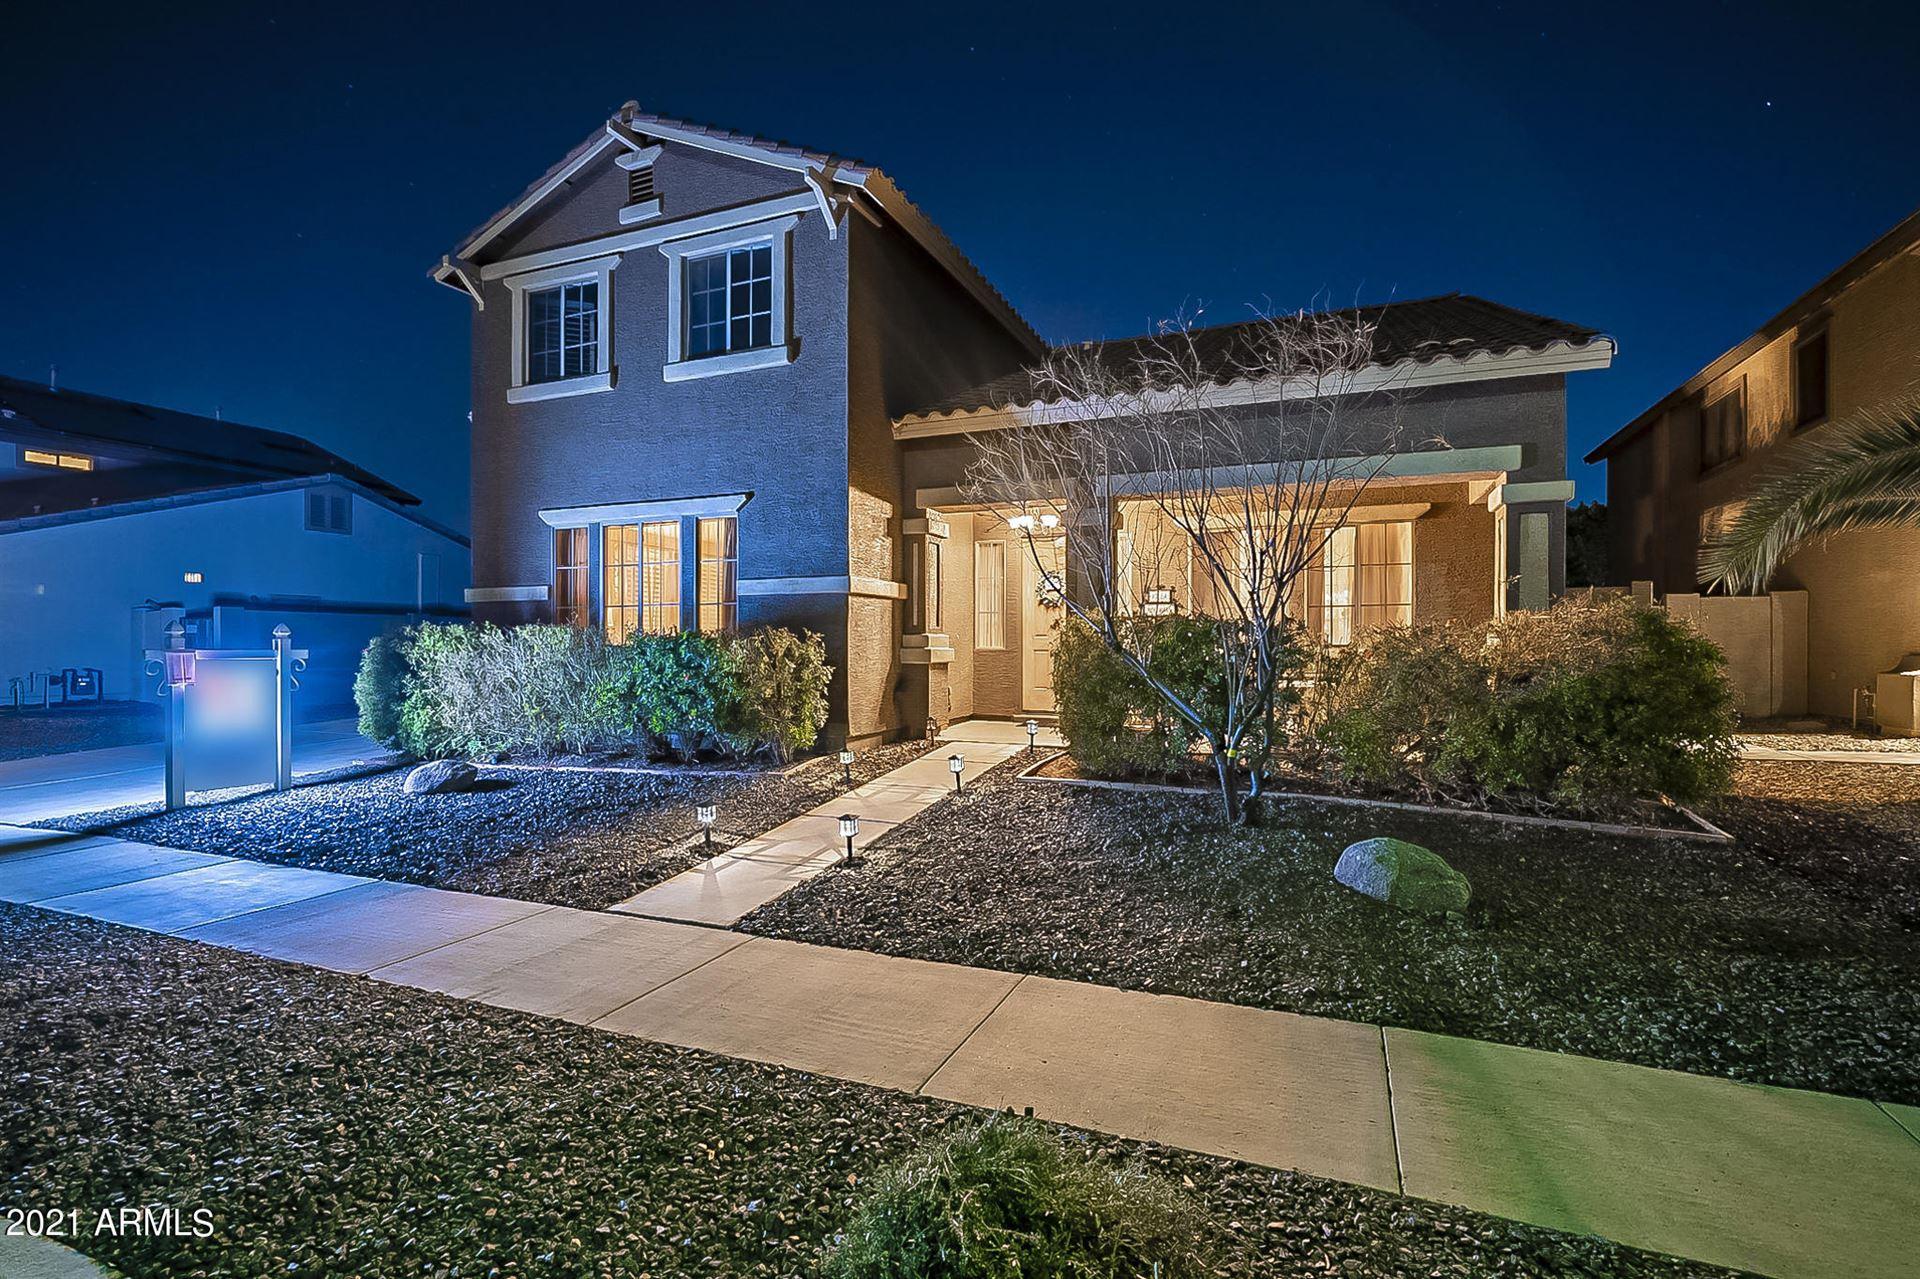 Photo of 11760 N 143RD Avenue, Surprise, AZ 85379 (MLS # 6200299)